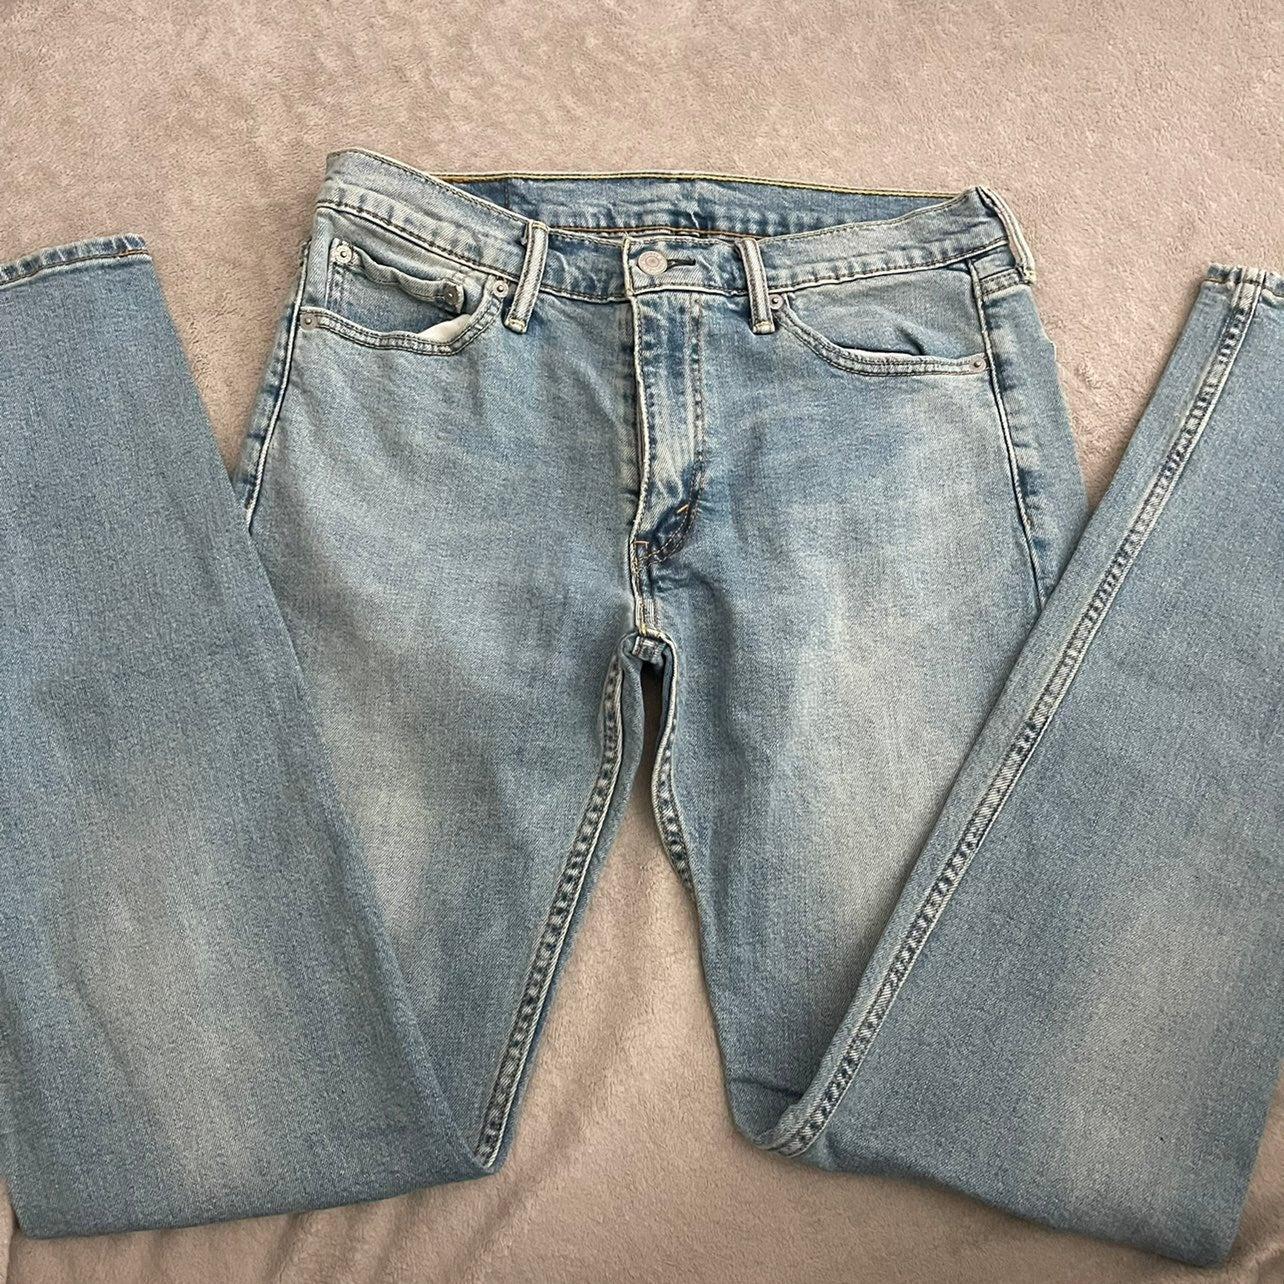 Levi's 513 Mens Jeans 32x34